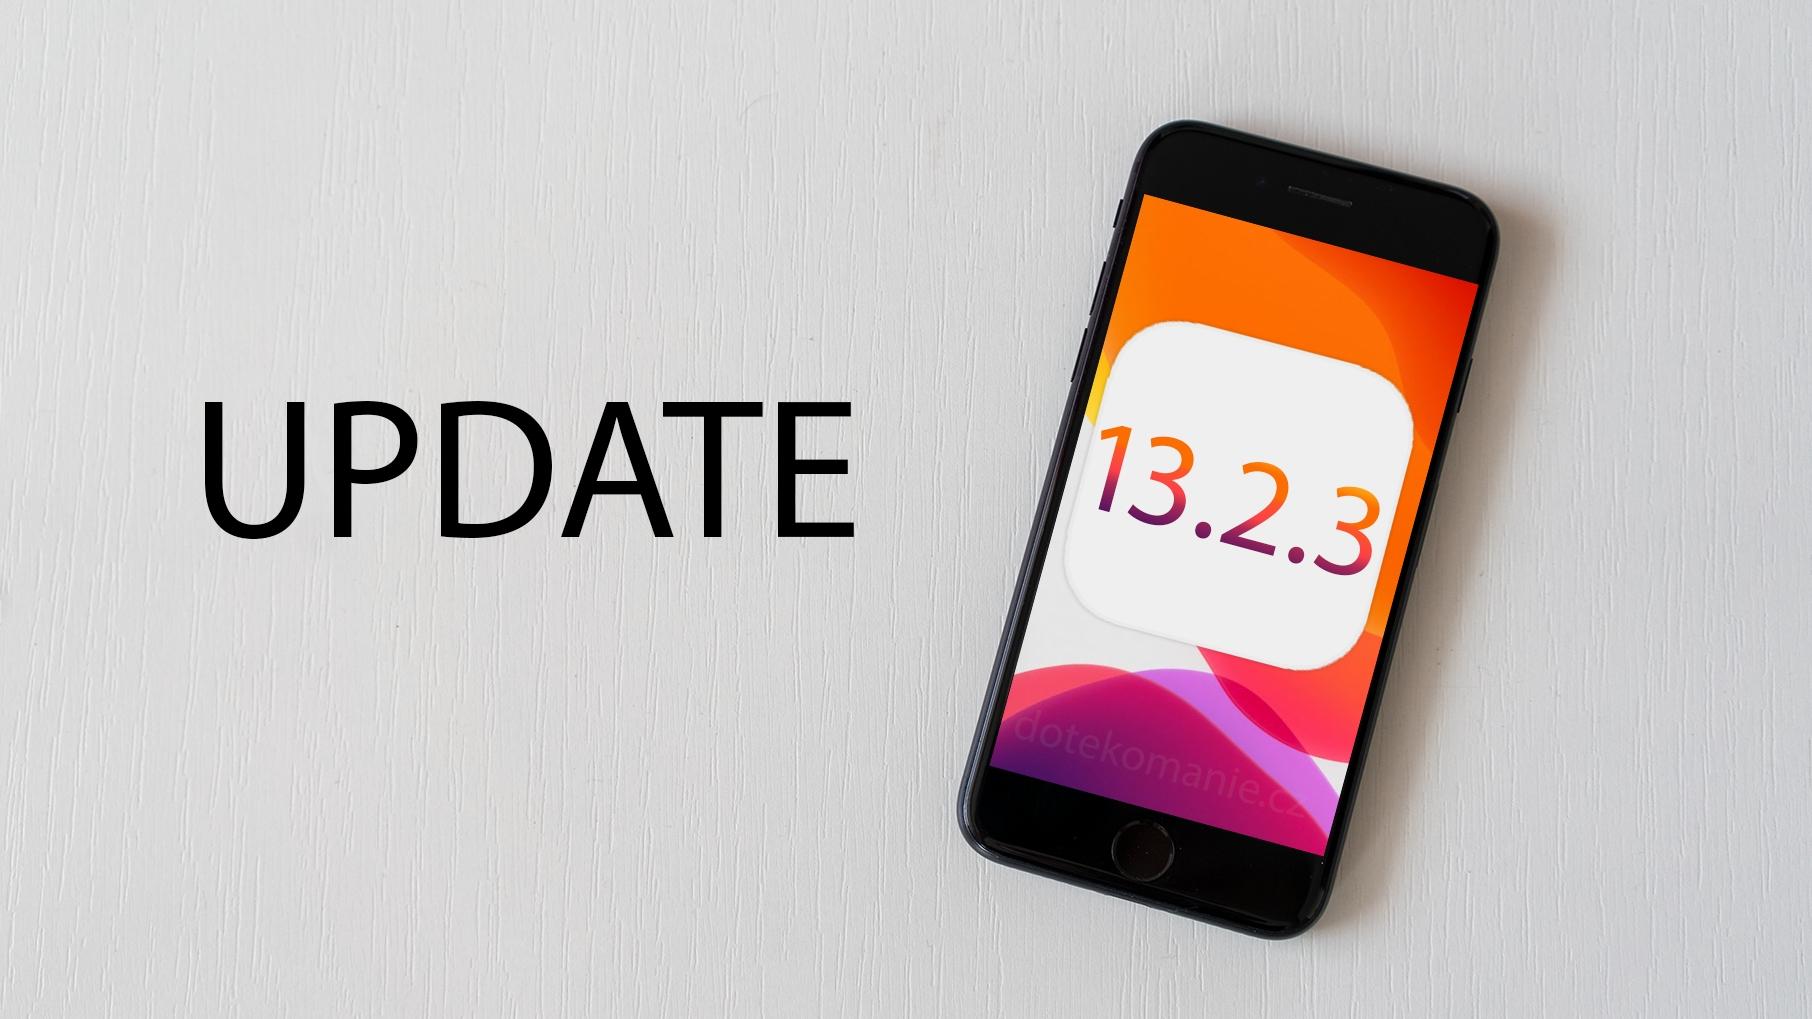 Apple vydal iOS 13.2.3 opravující Poznámky a další chyby